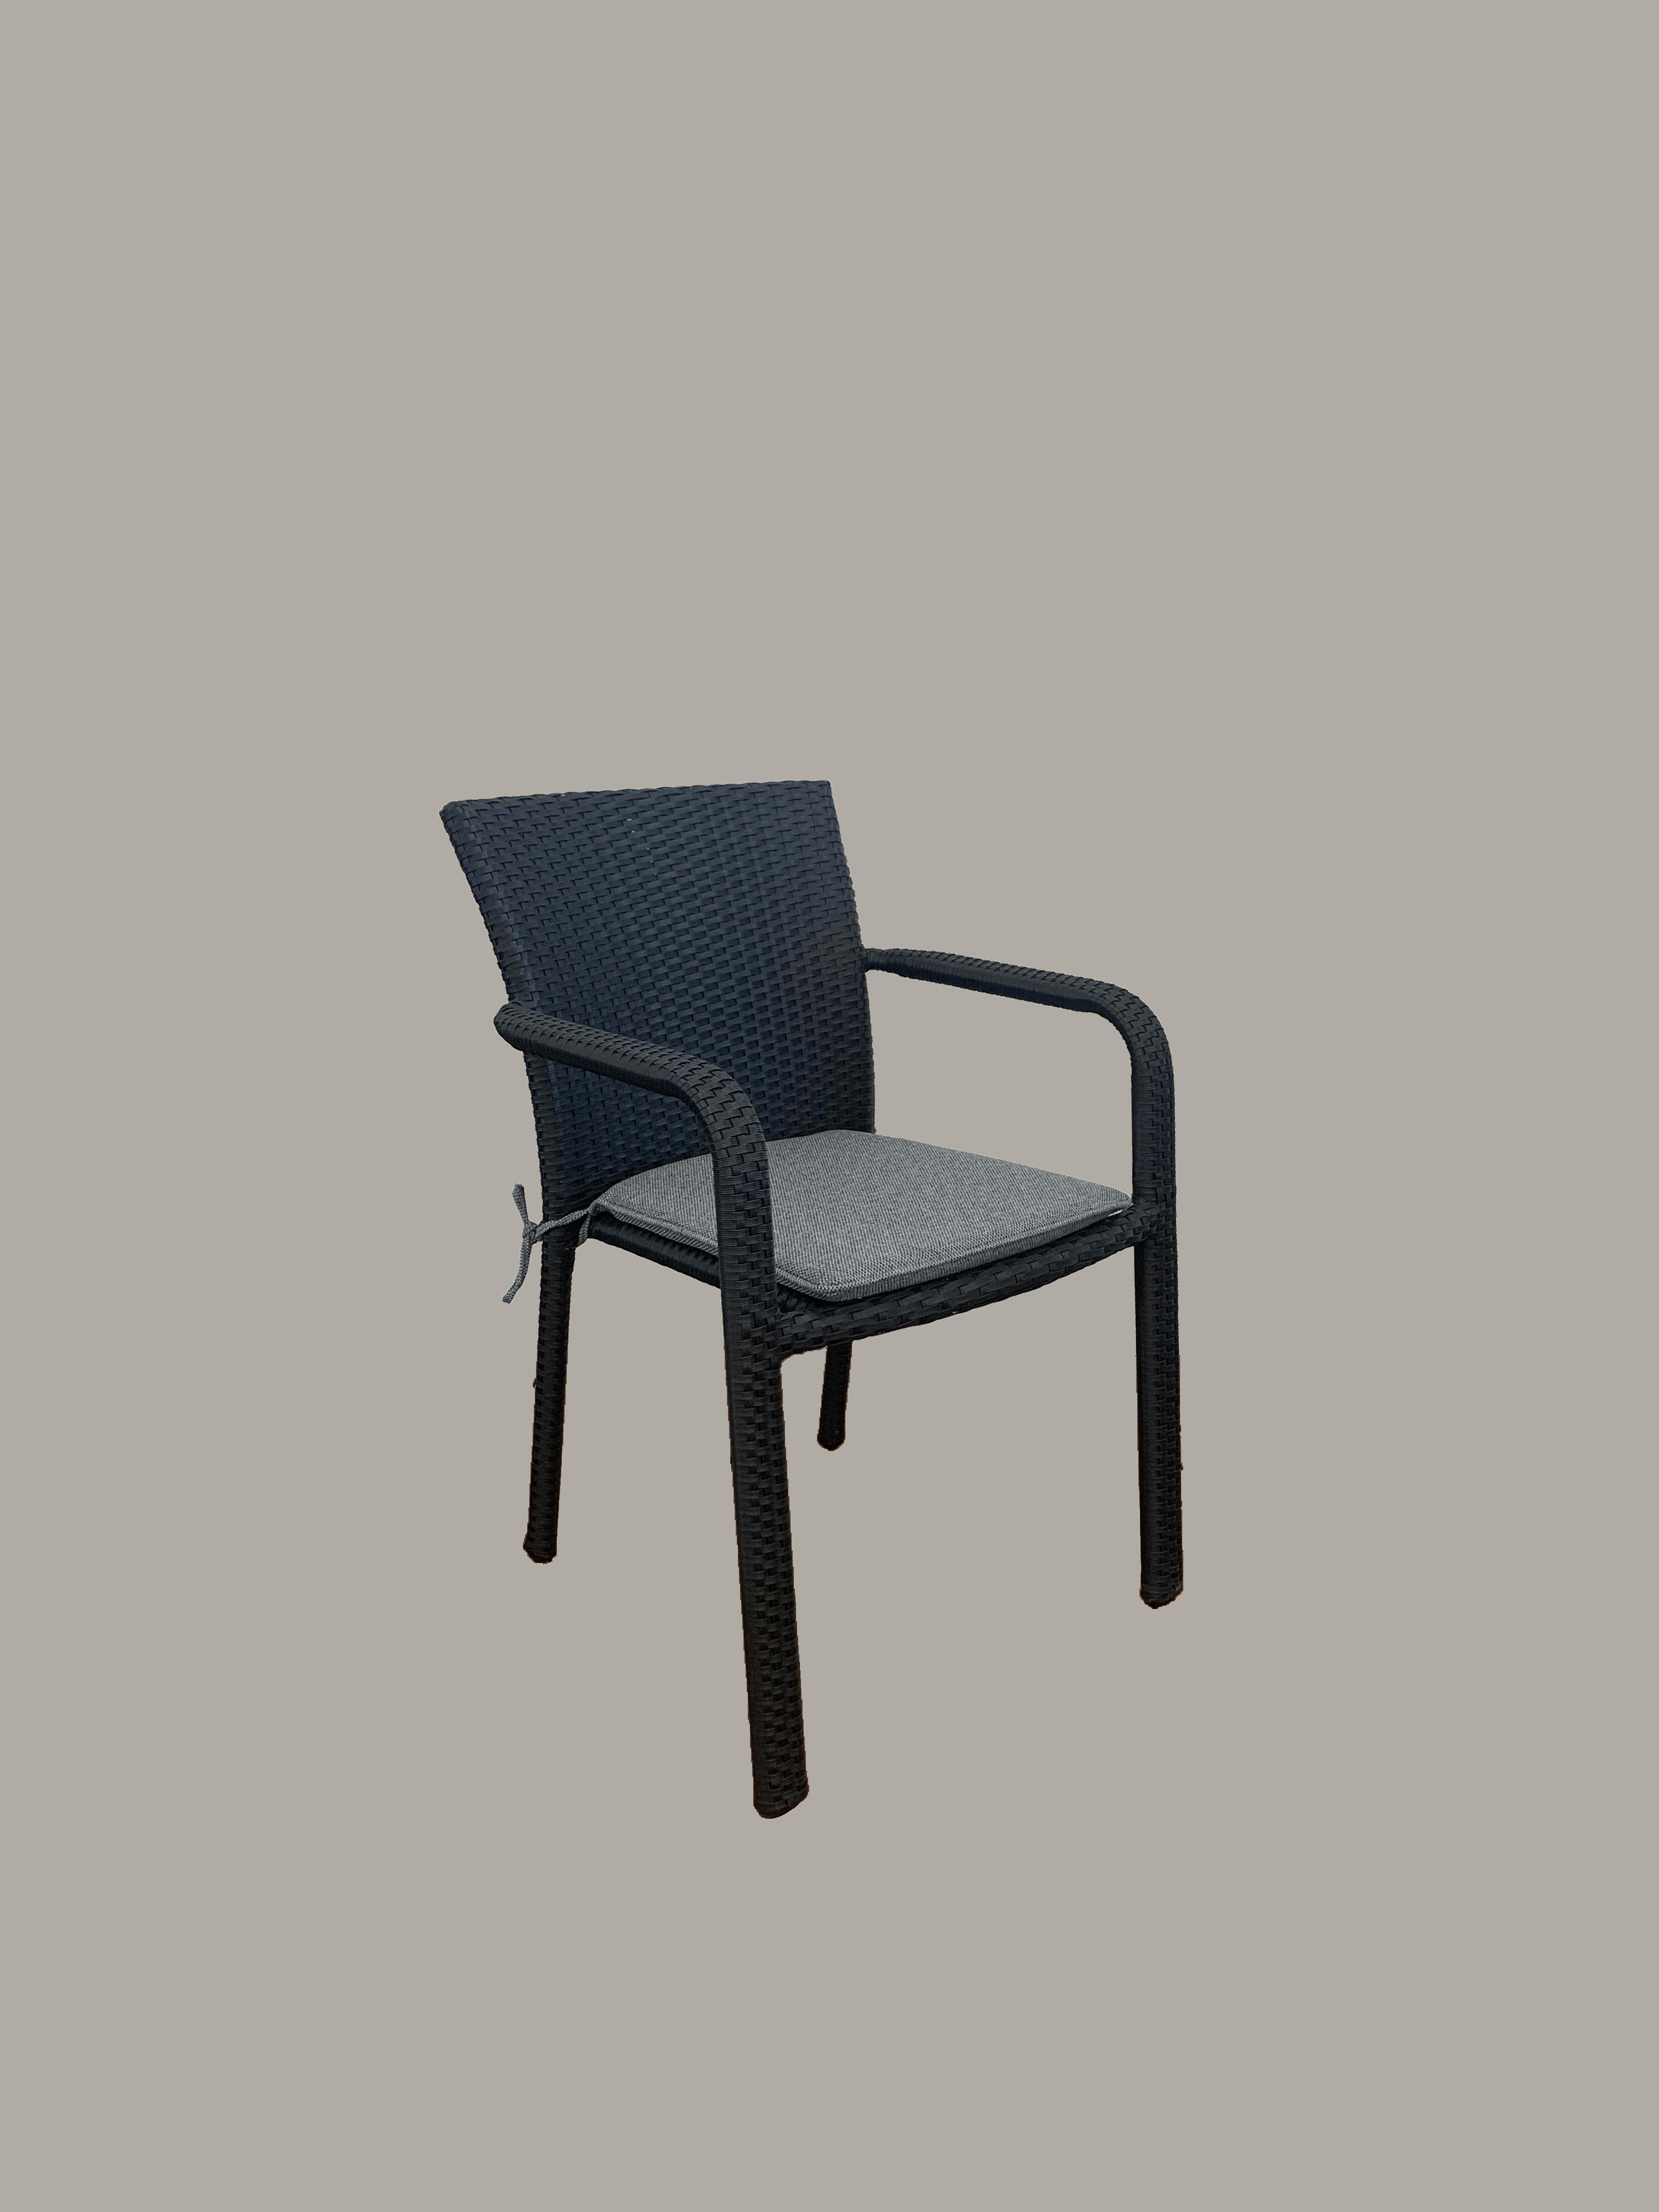 Chevron Arm Chair Black – Outdoor Chairs